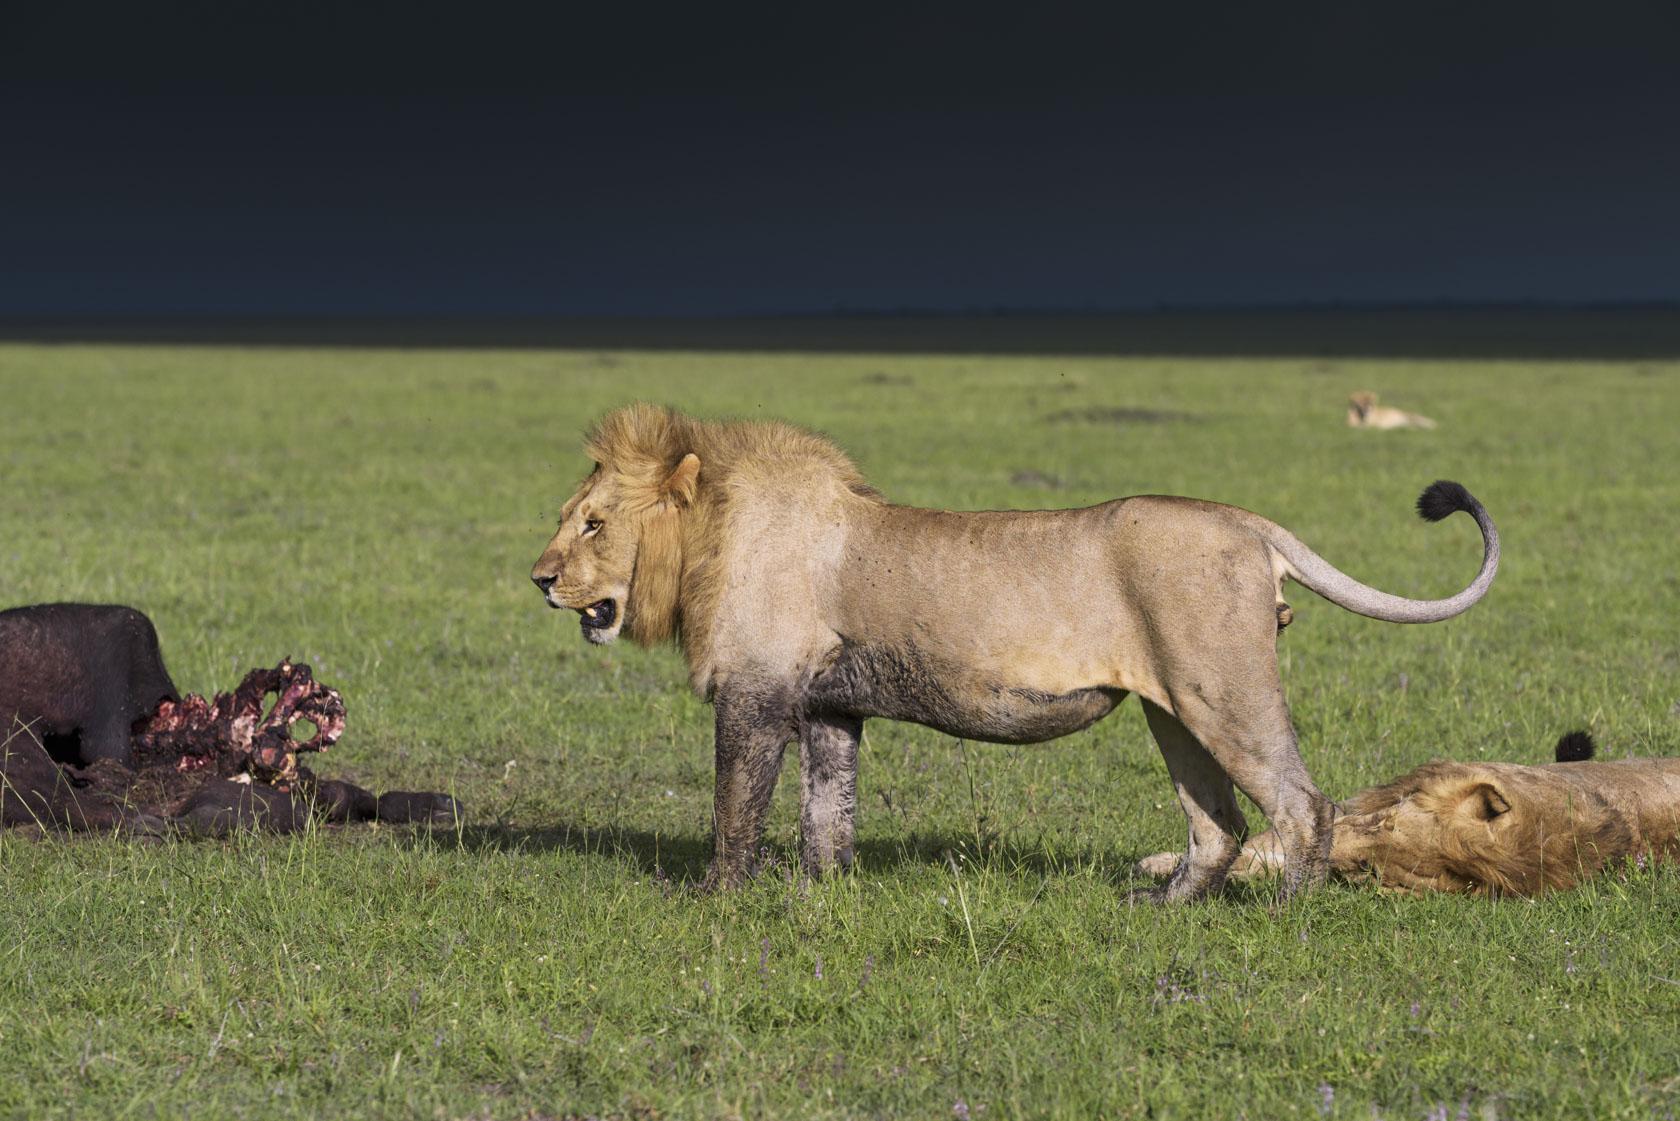 Einer hungrigen Löwin (im Hintergrund), die sich vor einigen Tagen zu den vier Löwen gesellt hat, verwehren die männlichen Tiere den Zugang zu ihrem Riss